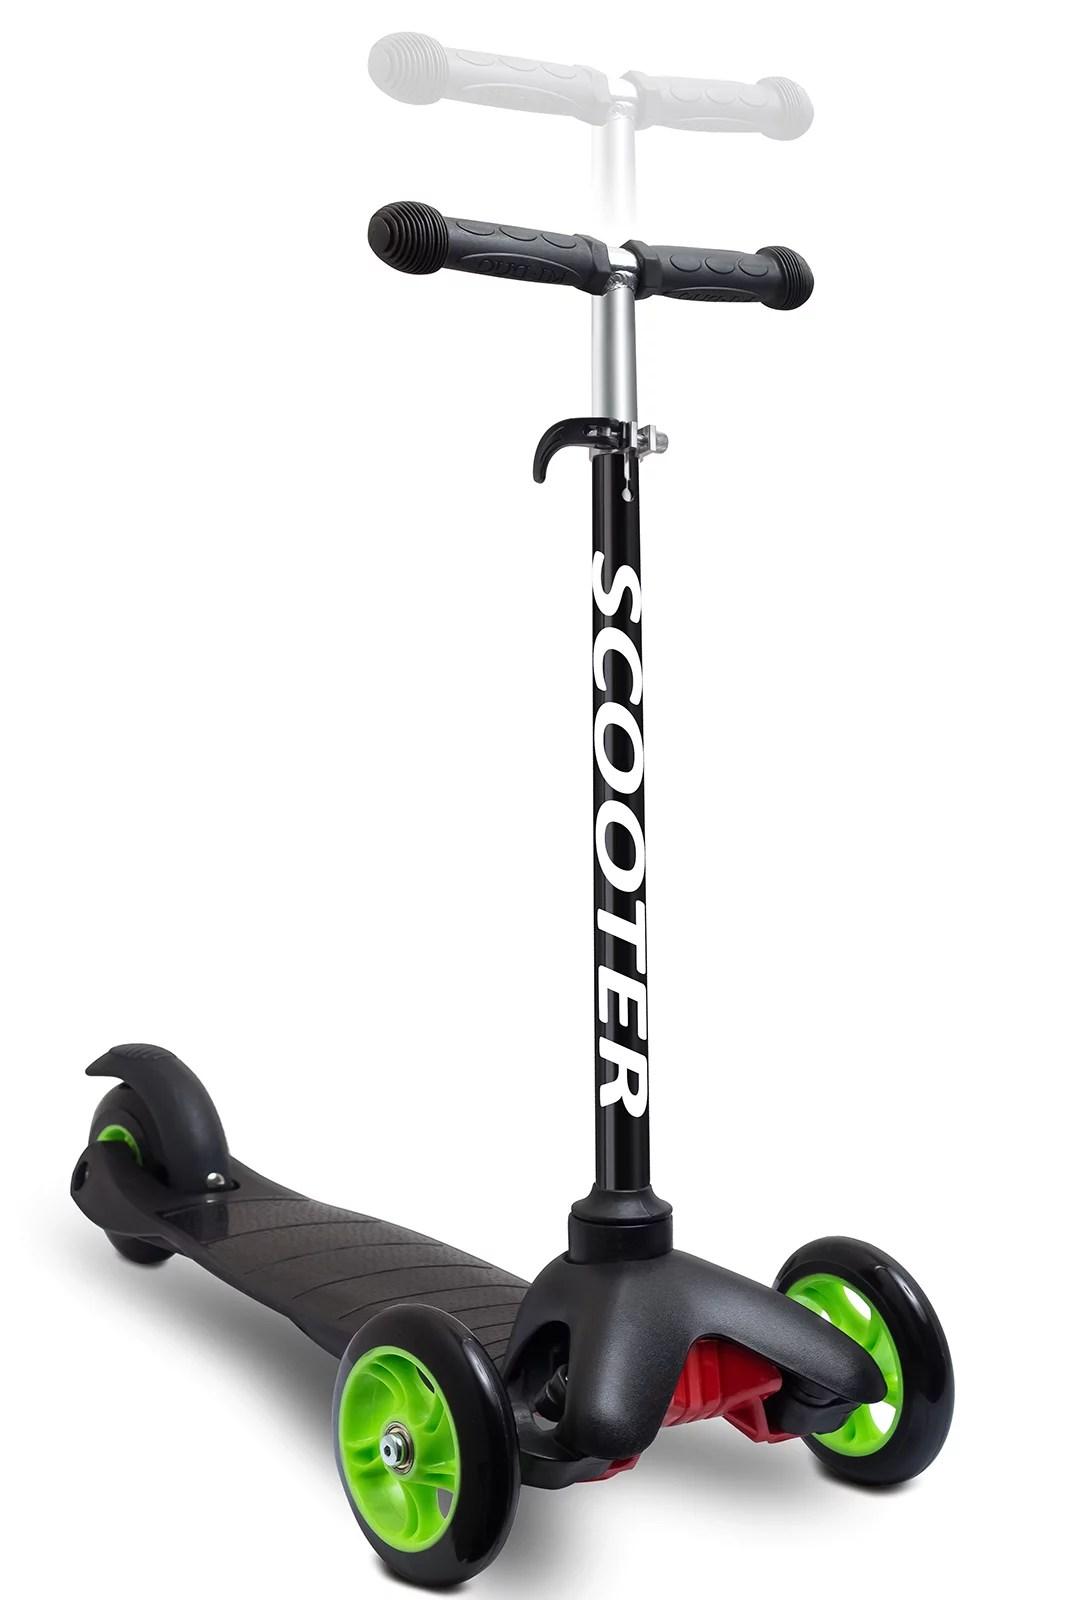 Kazoo Kids 3-Wheel Scooter Step for Brake Deluxe Aluminum Frame (Black) - Walmart.com - Walmart.com